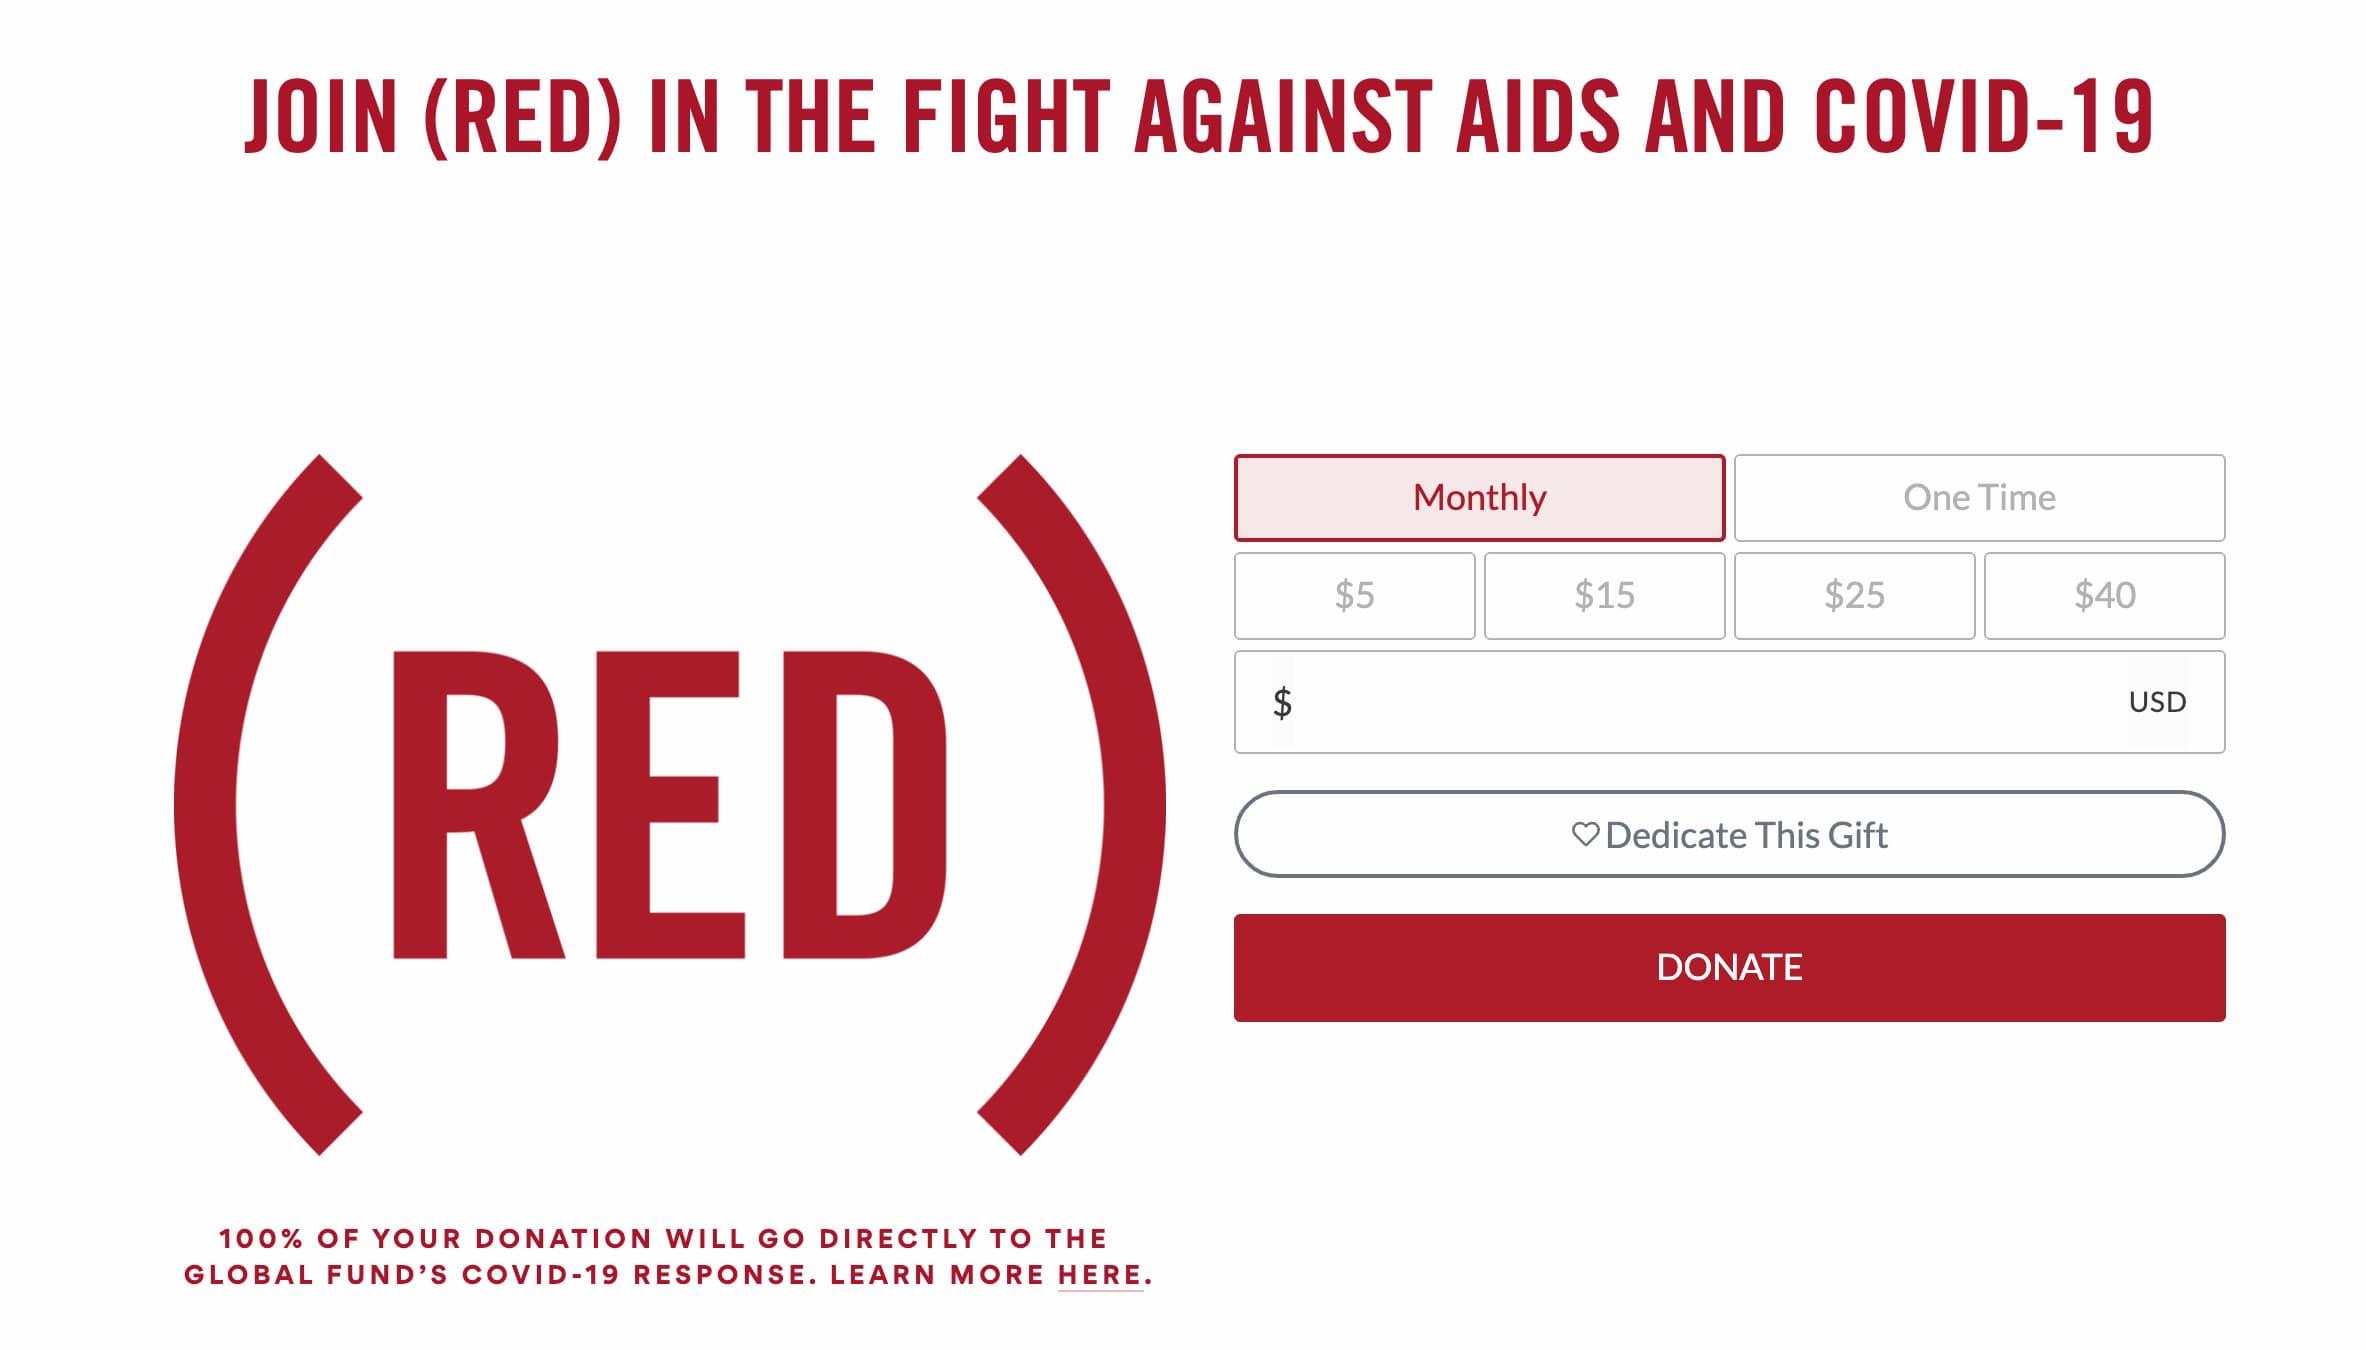 蘋果將 (RED) 指定收入 100% 捐出